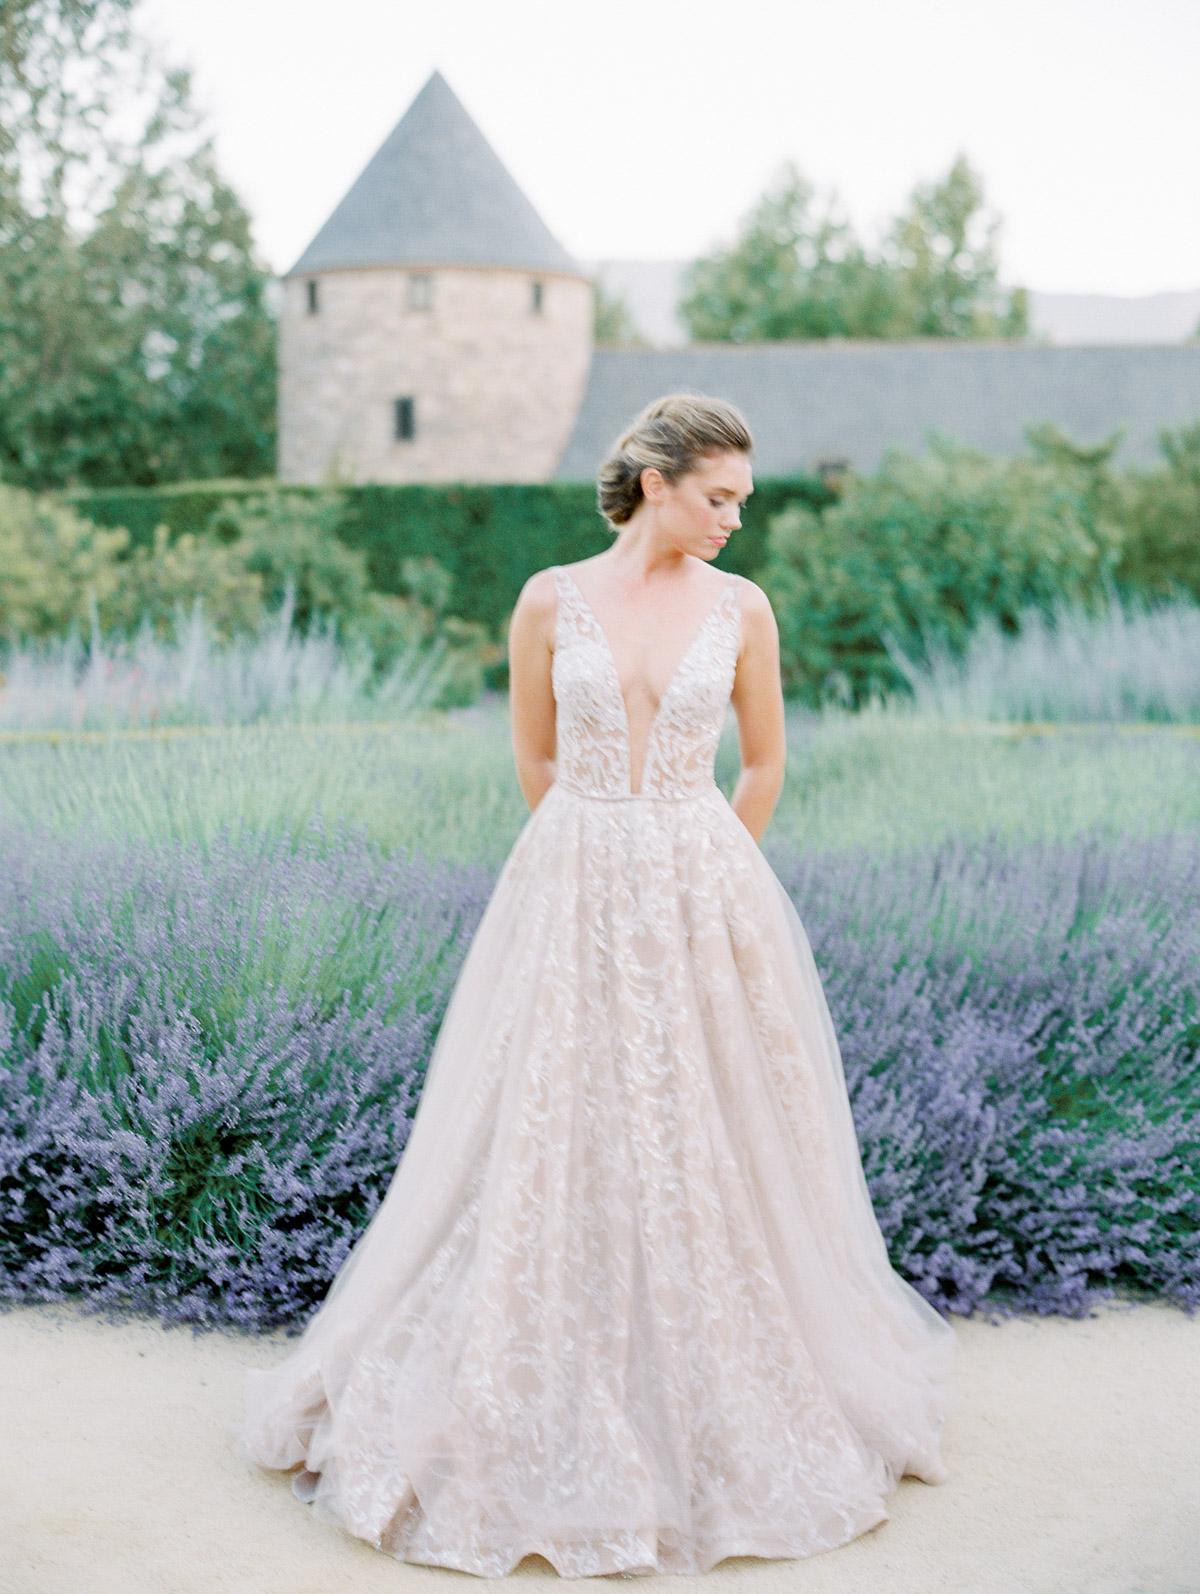 kestrel-park-wedding-photographer-78.jpg